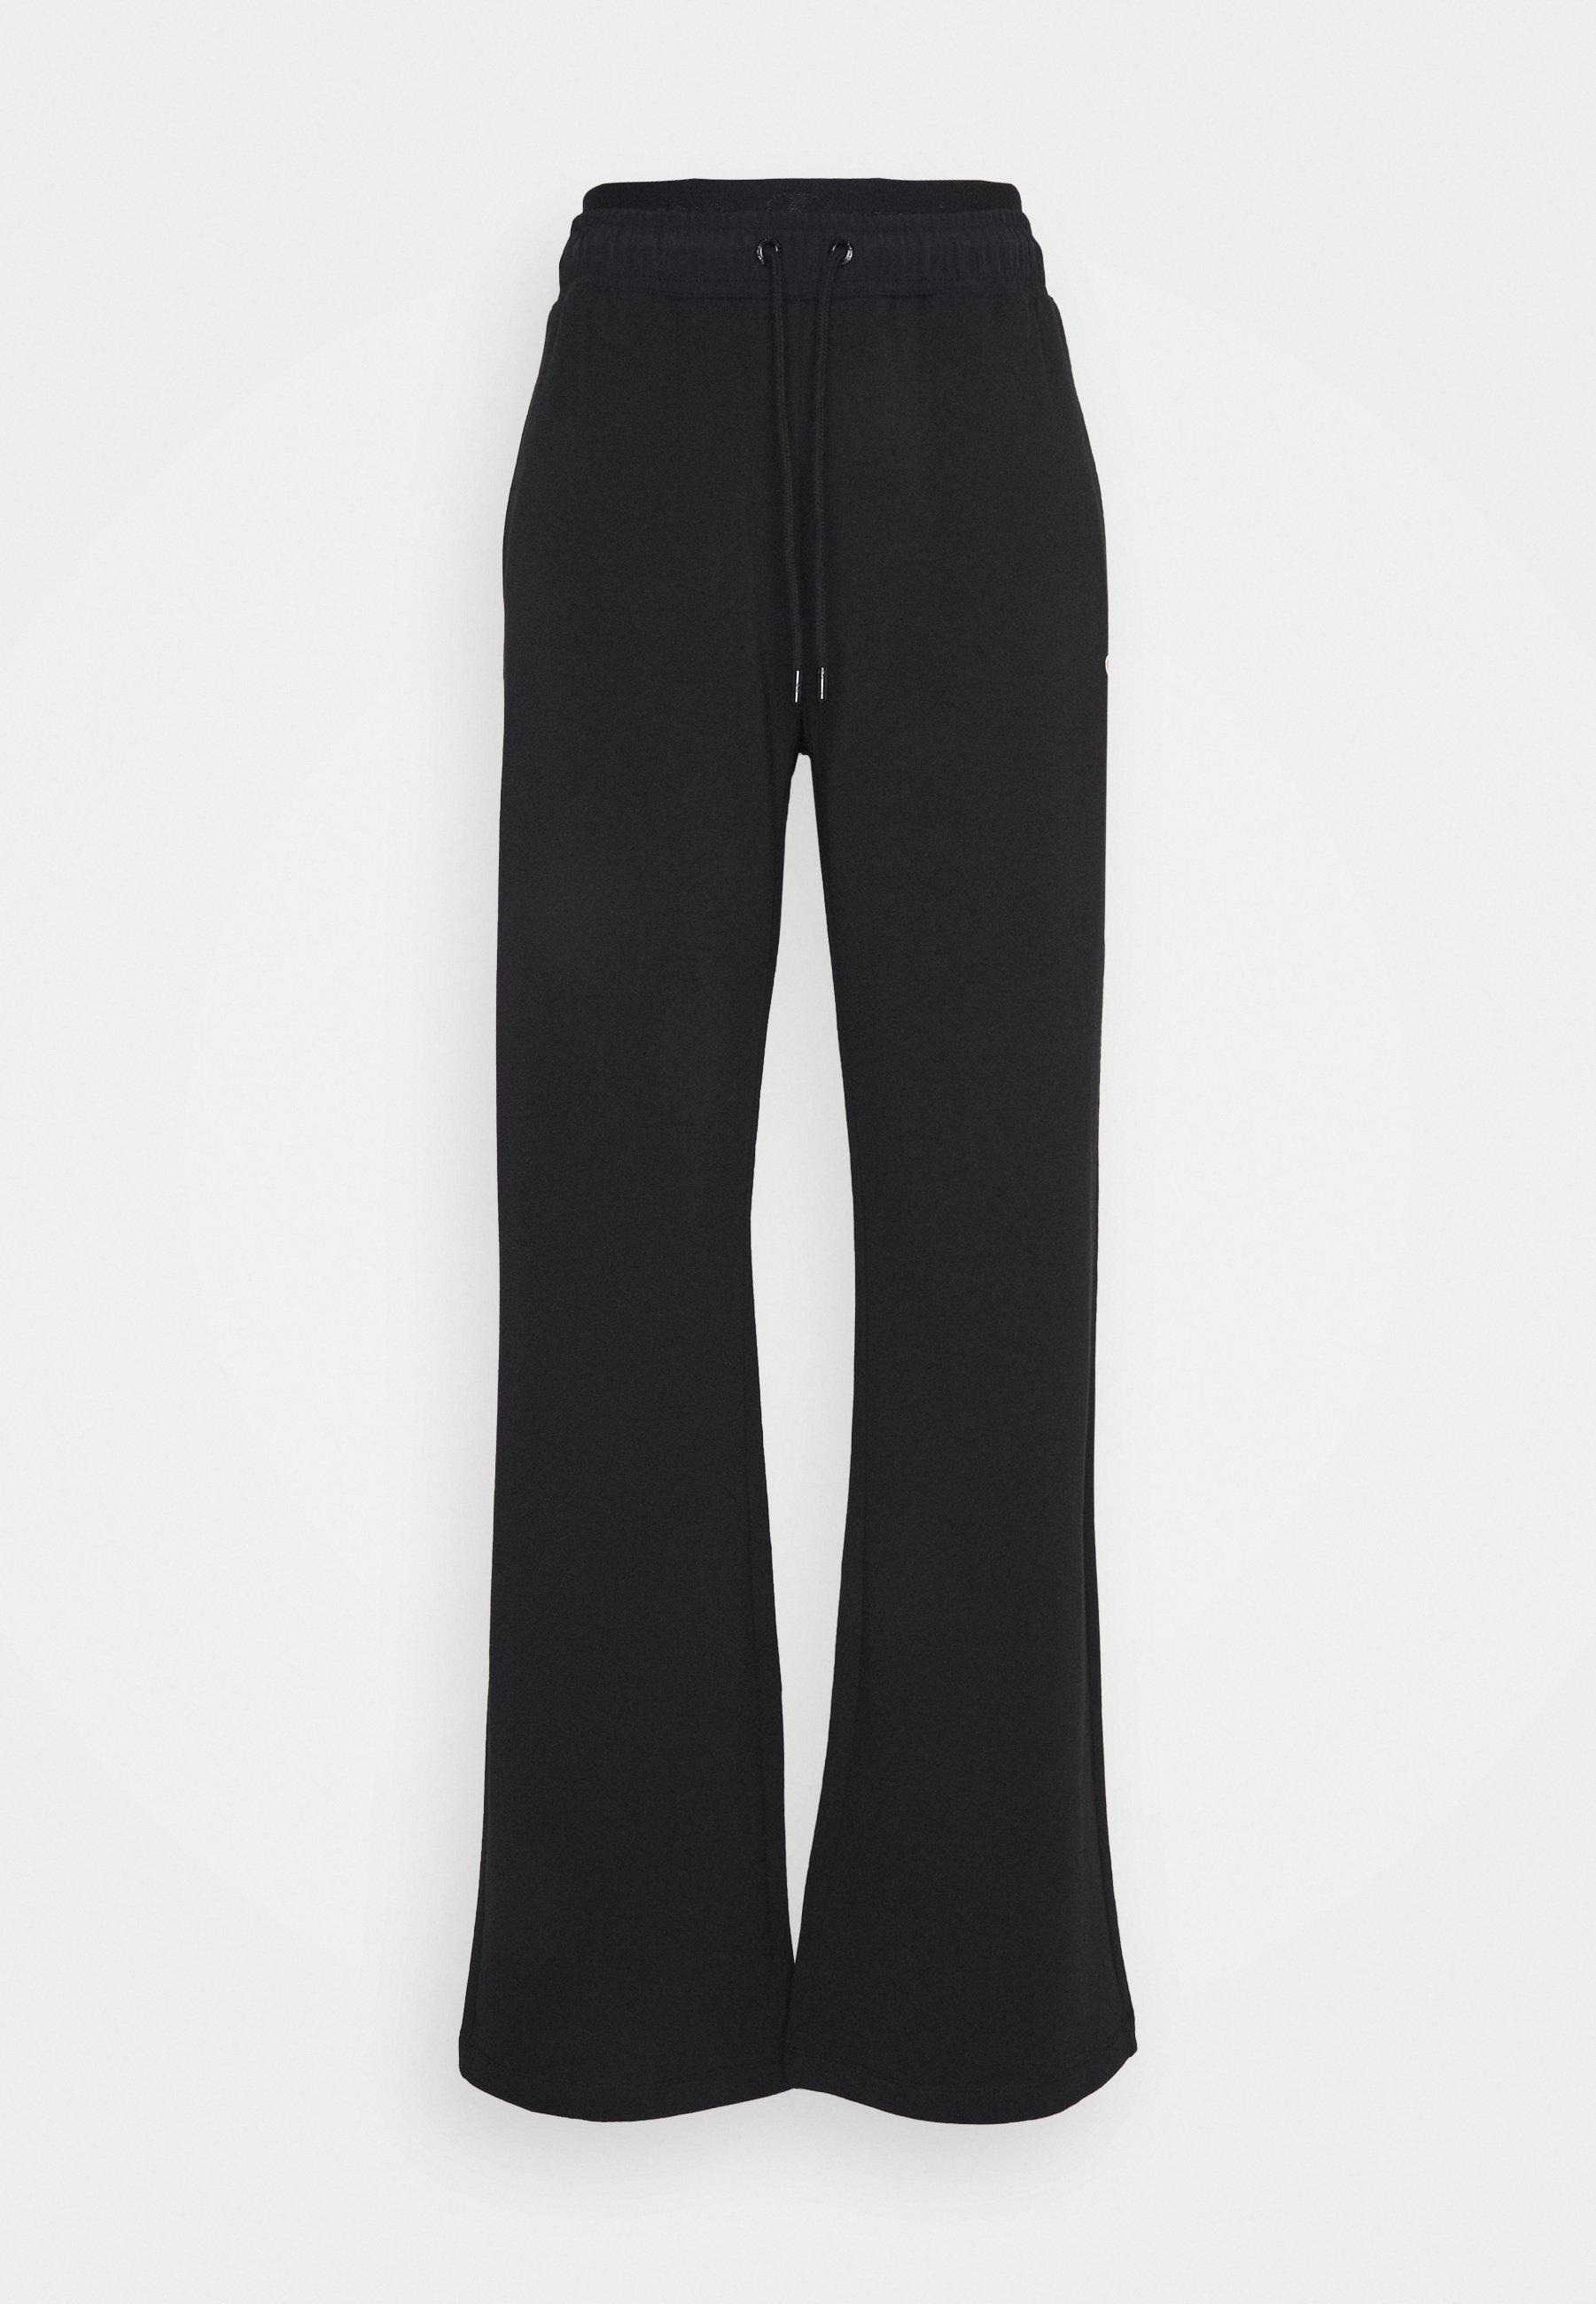 Femme CUFF PANT - Pantalon de survêtement